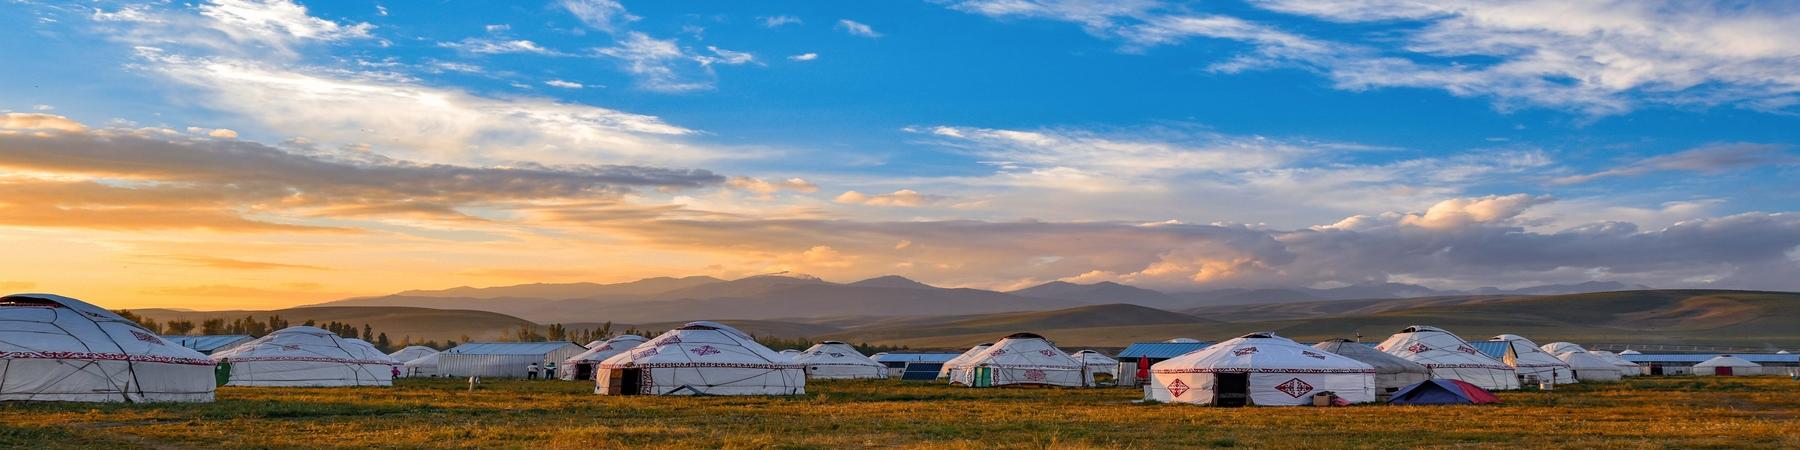 Liberty International World Conference Mongolia 2019 – Report